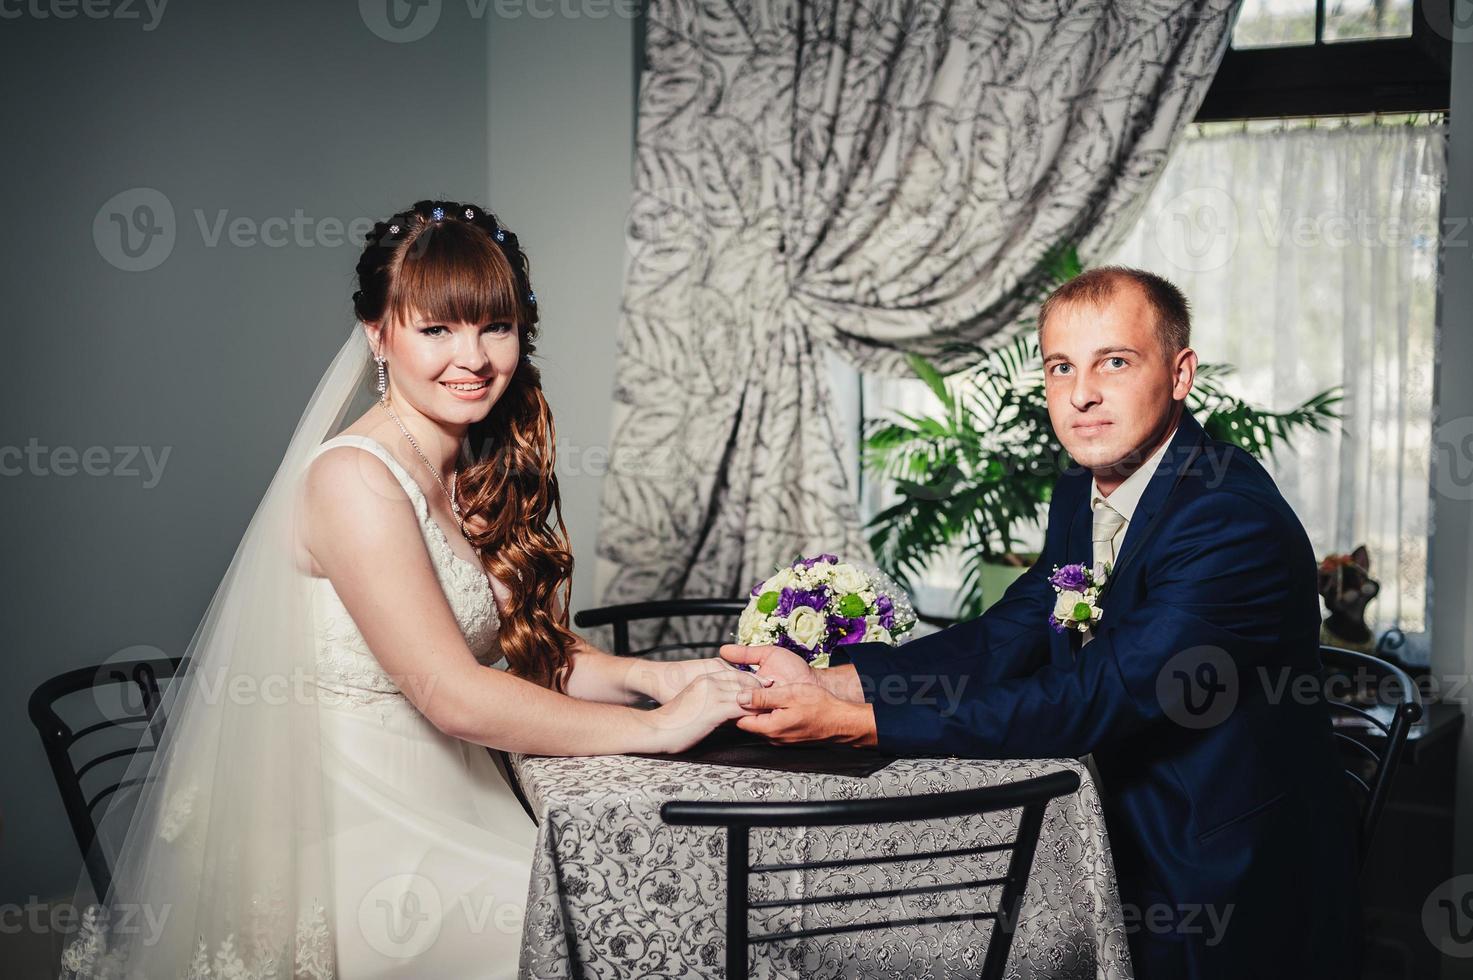 charmante bruid en bruidegom op hun huwelijksfeest in een foto